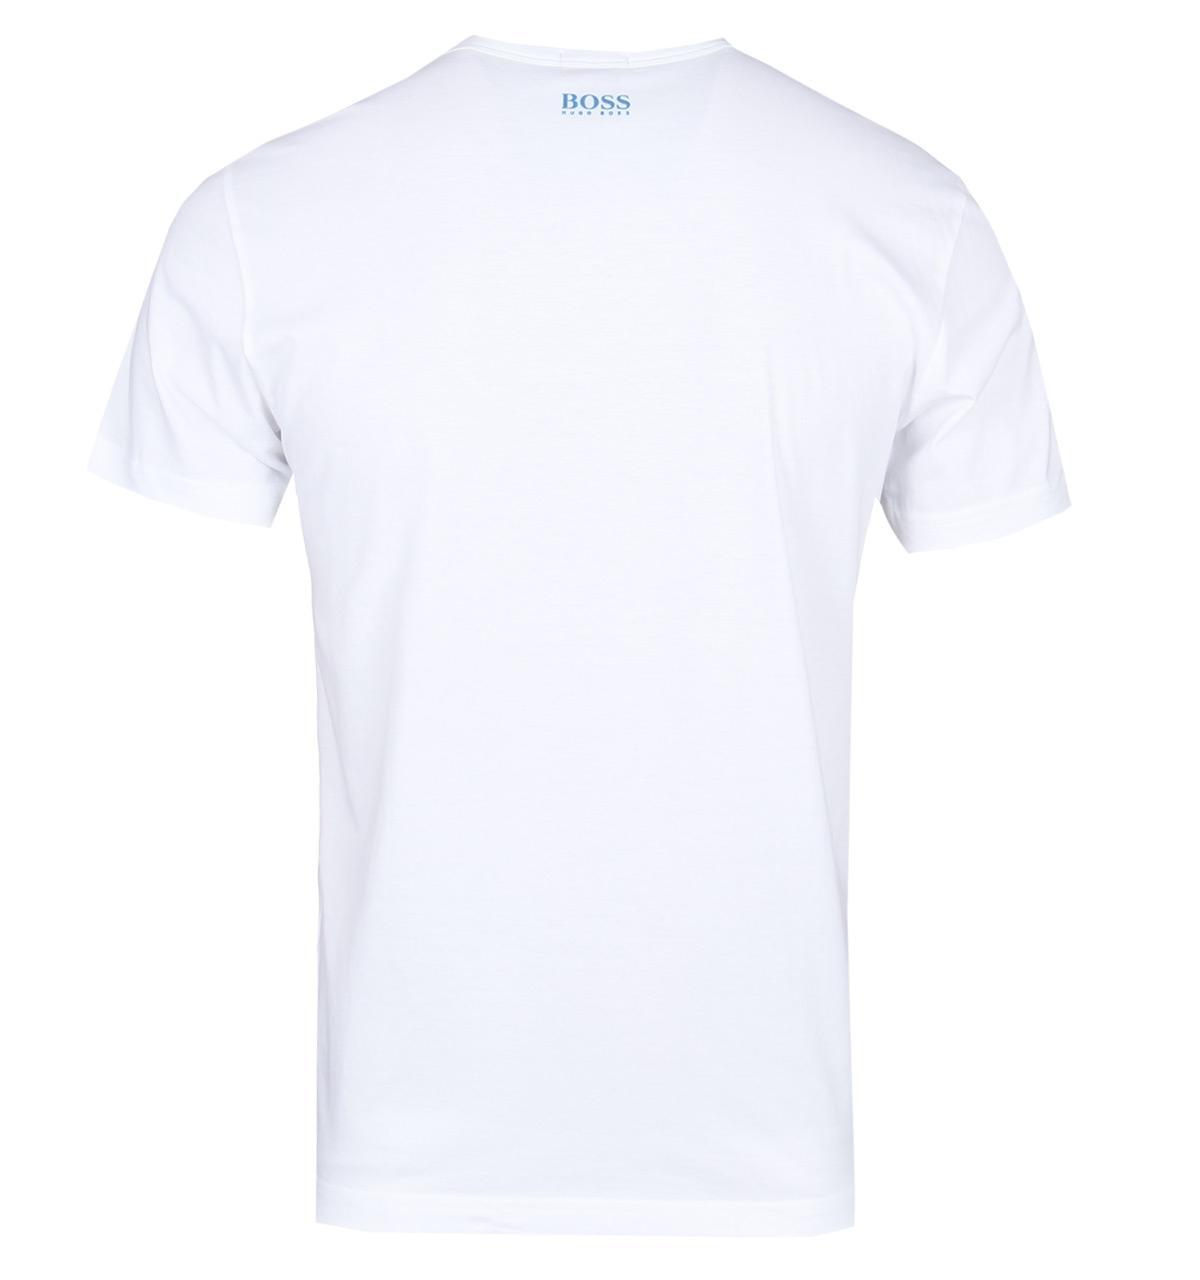 3ec979cb57 BOSS Green - Boss Tee2 White Logo T-shirt for Men - Lyst. View fullscreen